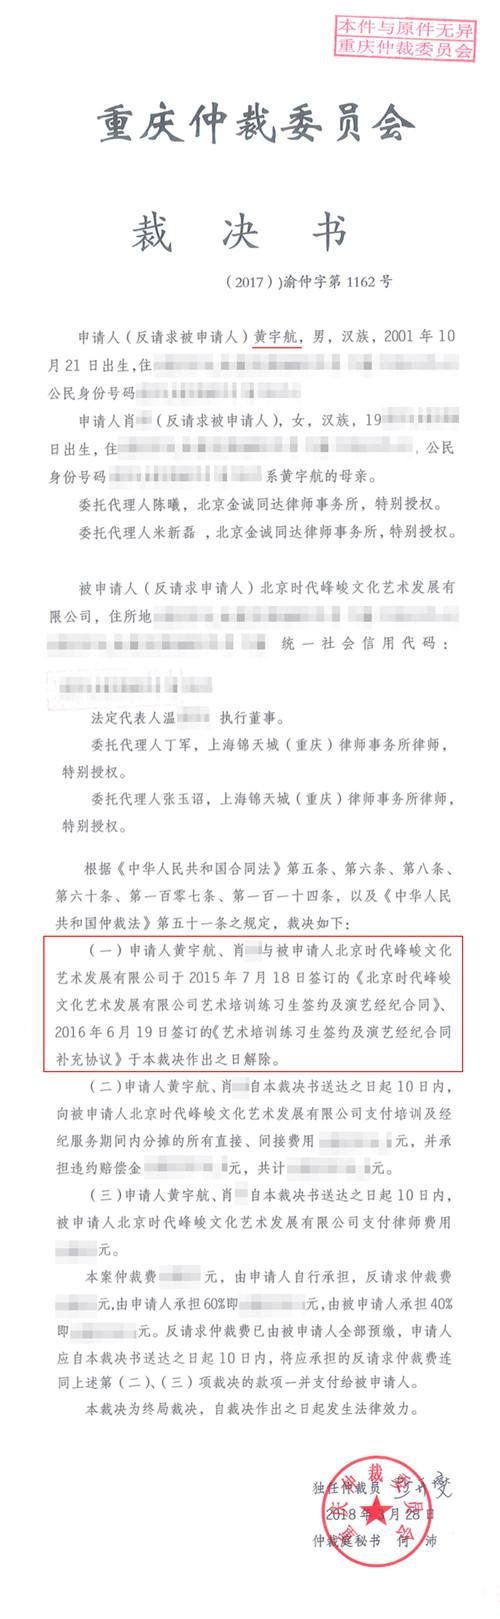 原TF家族练习生黄宇航严浩翔已成功解约